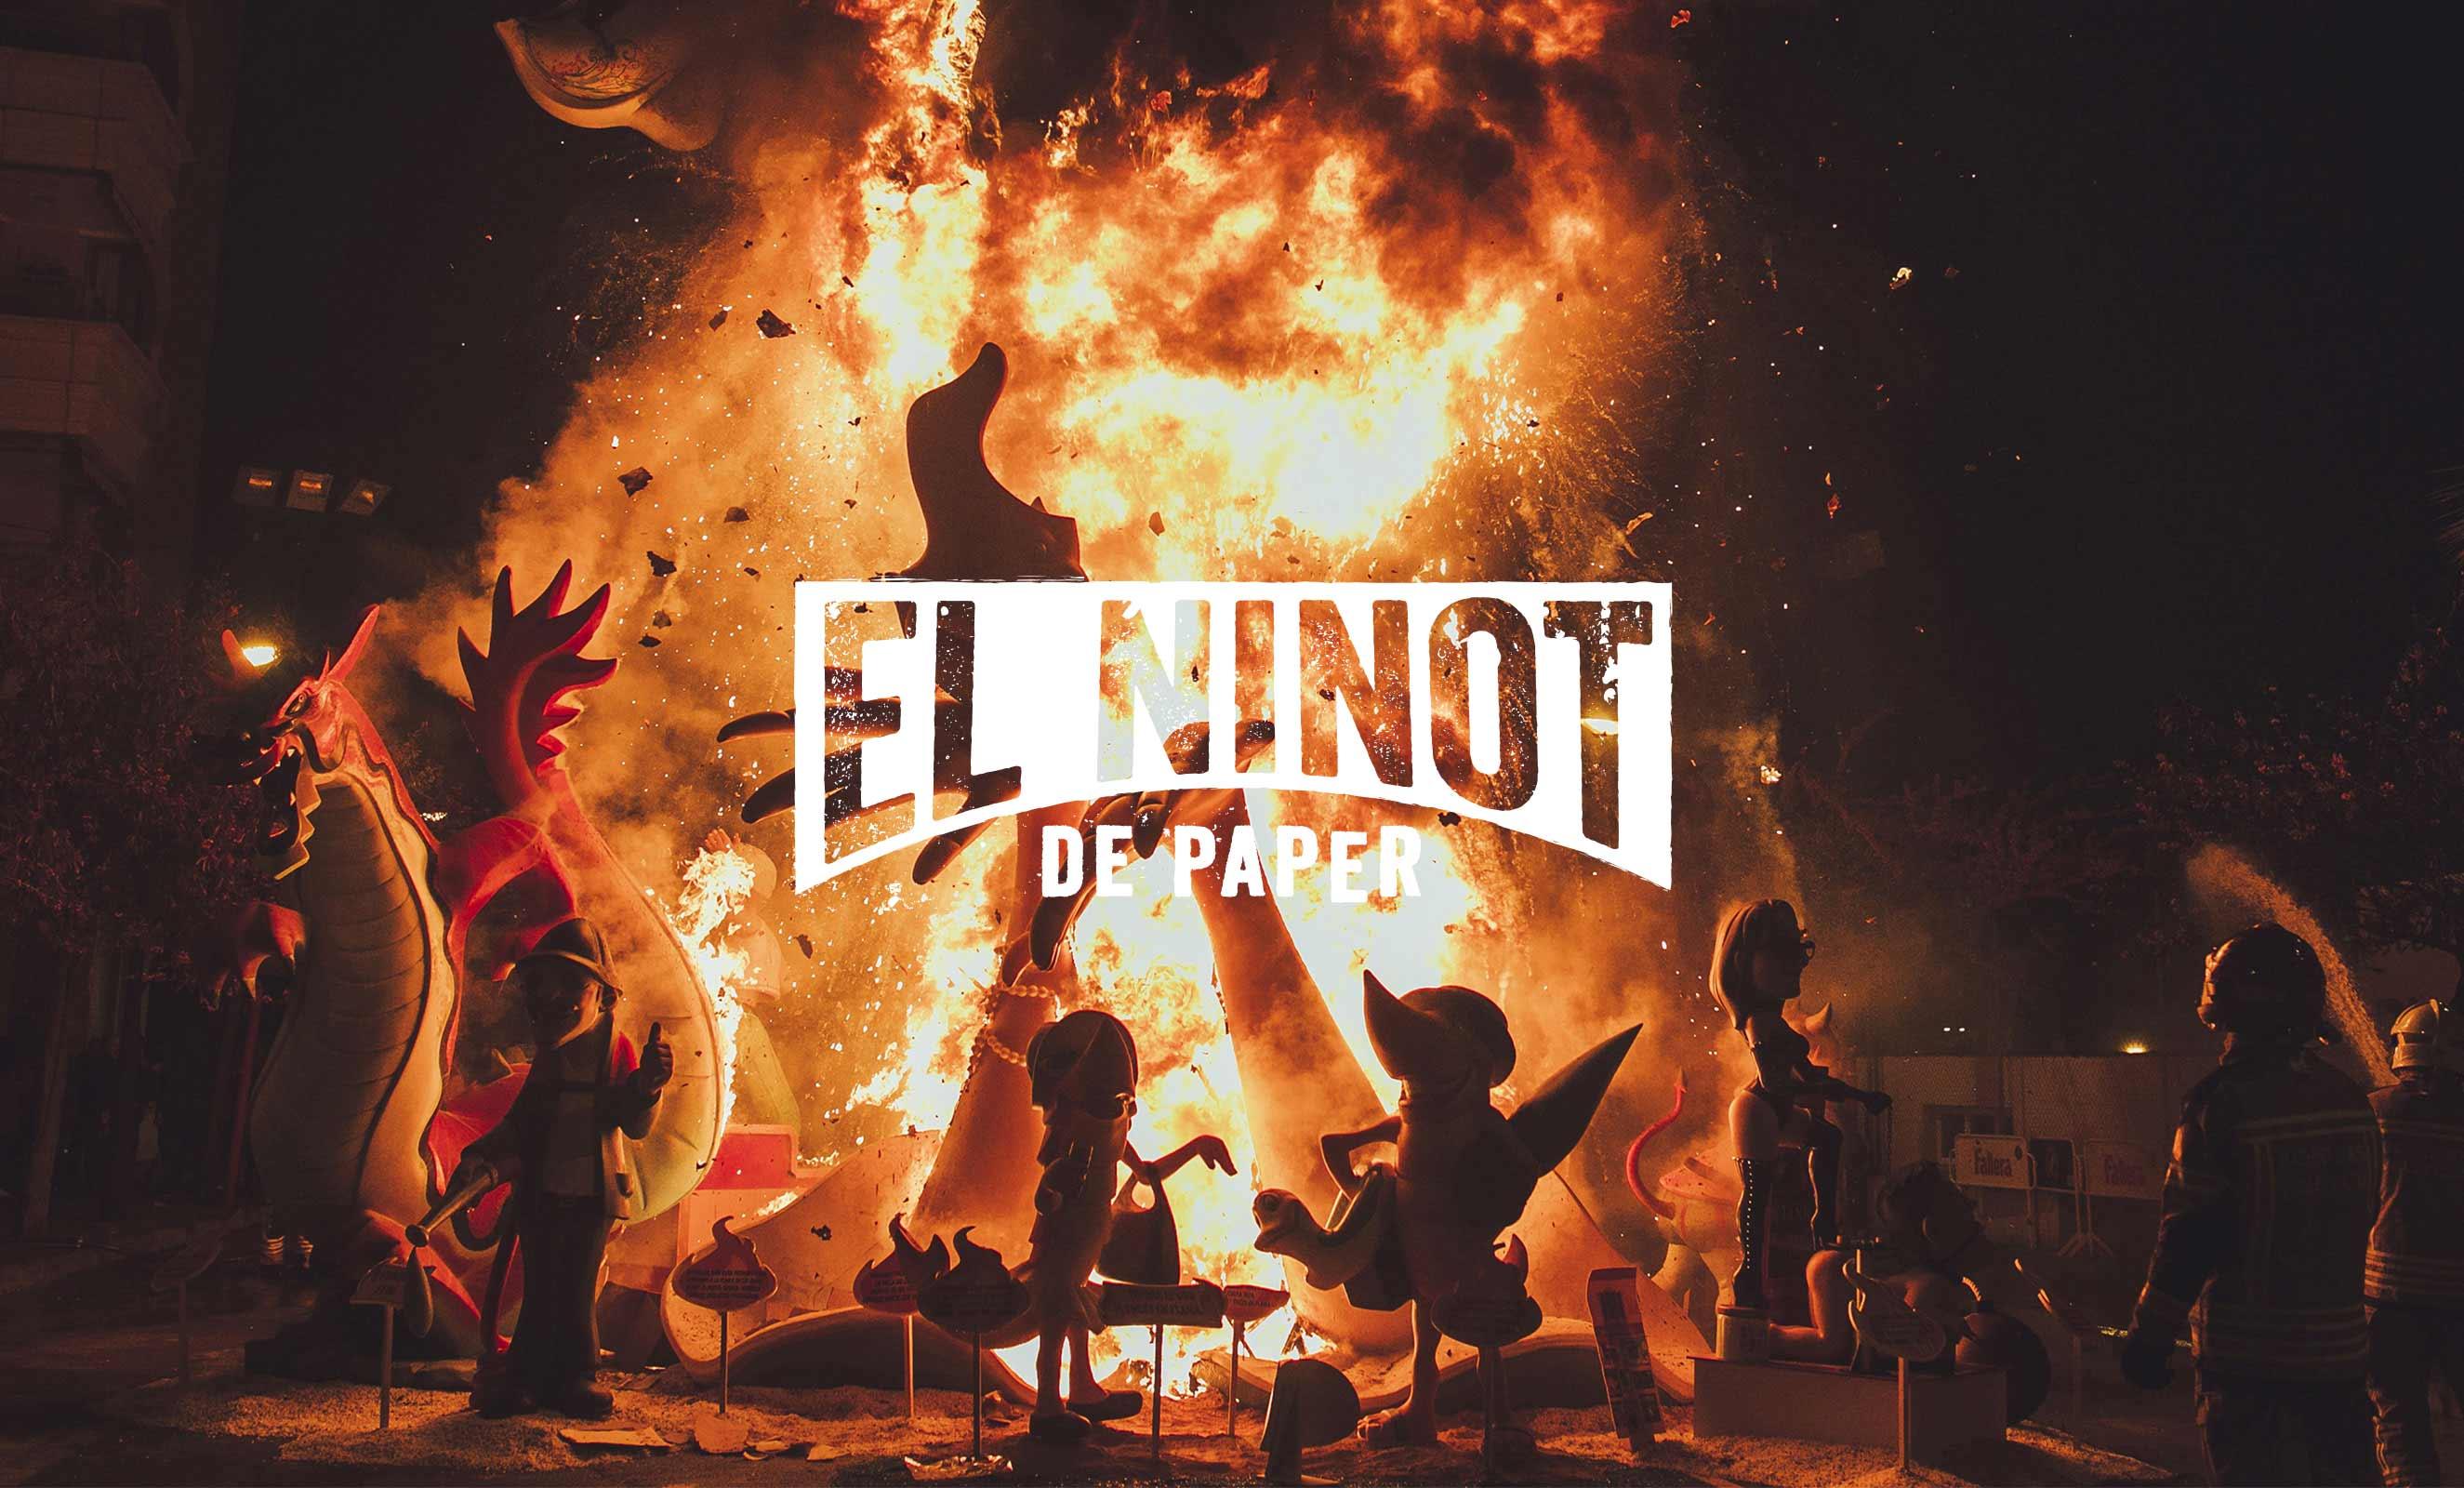 Fire-Ninot-de-paper